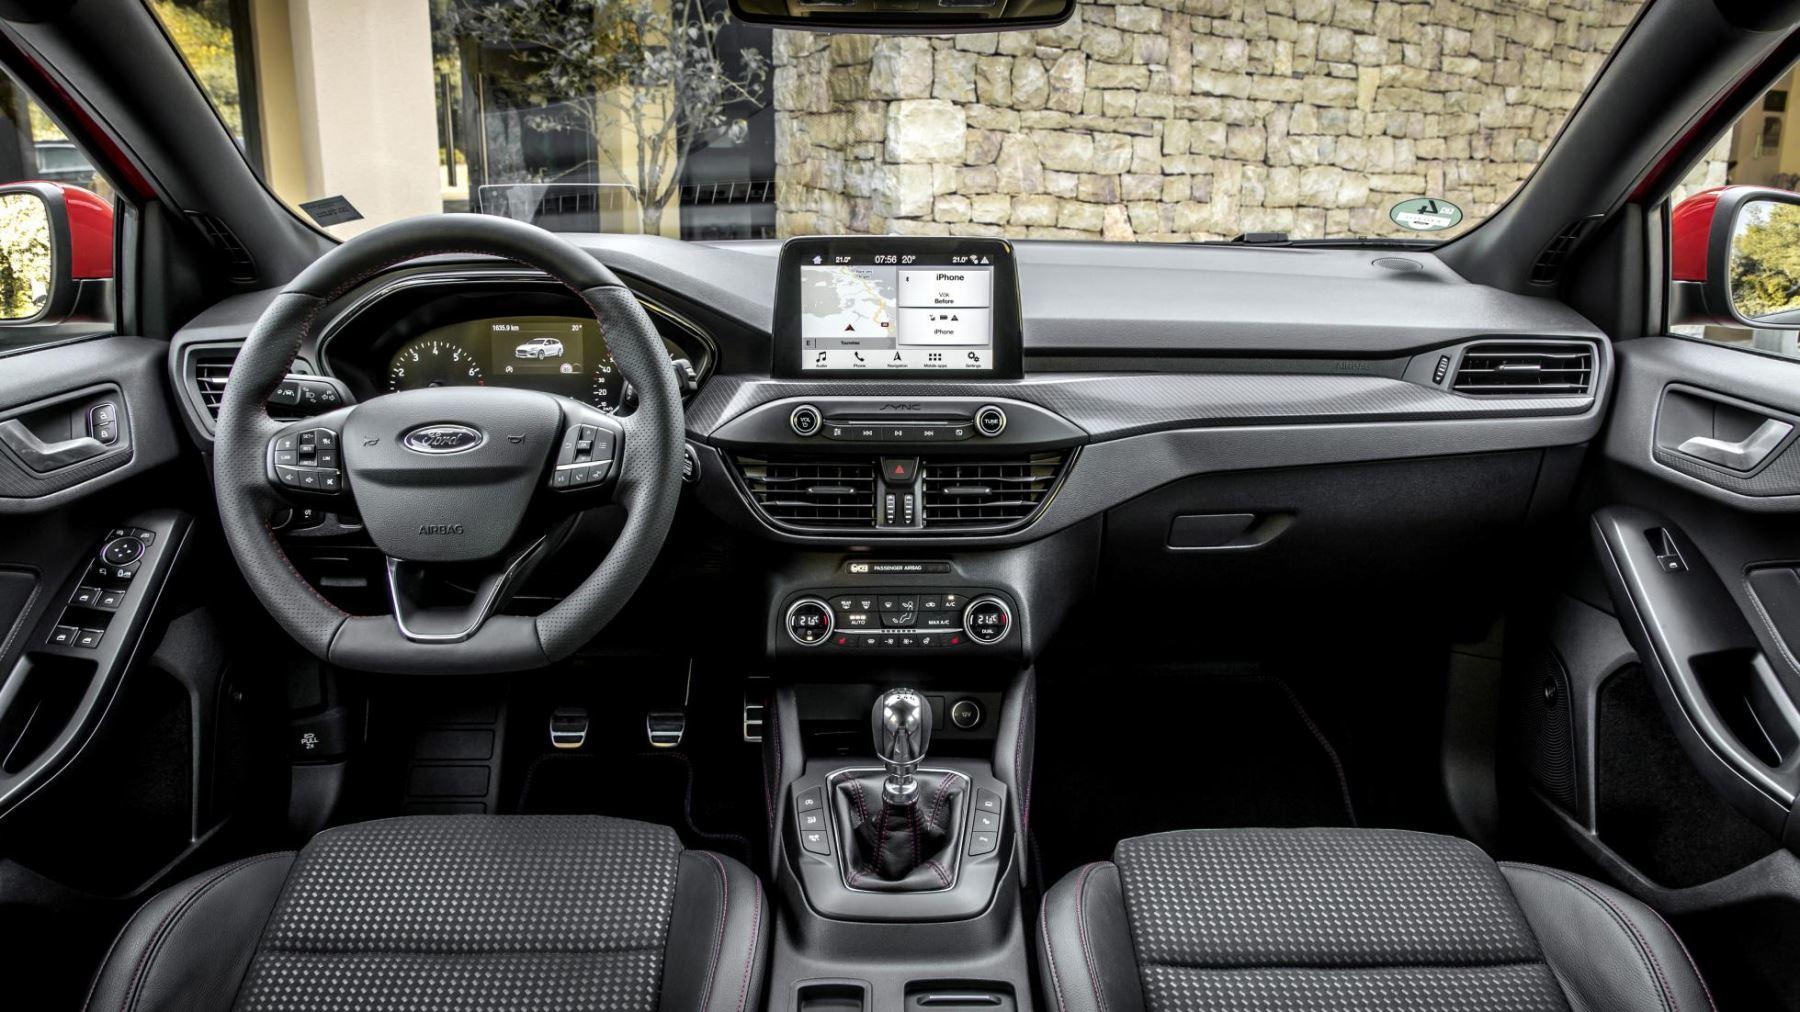 Ford Focus Vignale 2.0 Diesel 150ps image 5